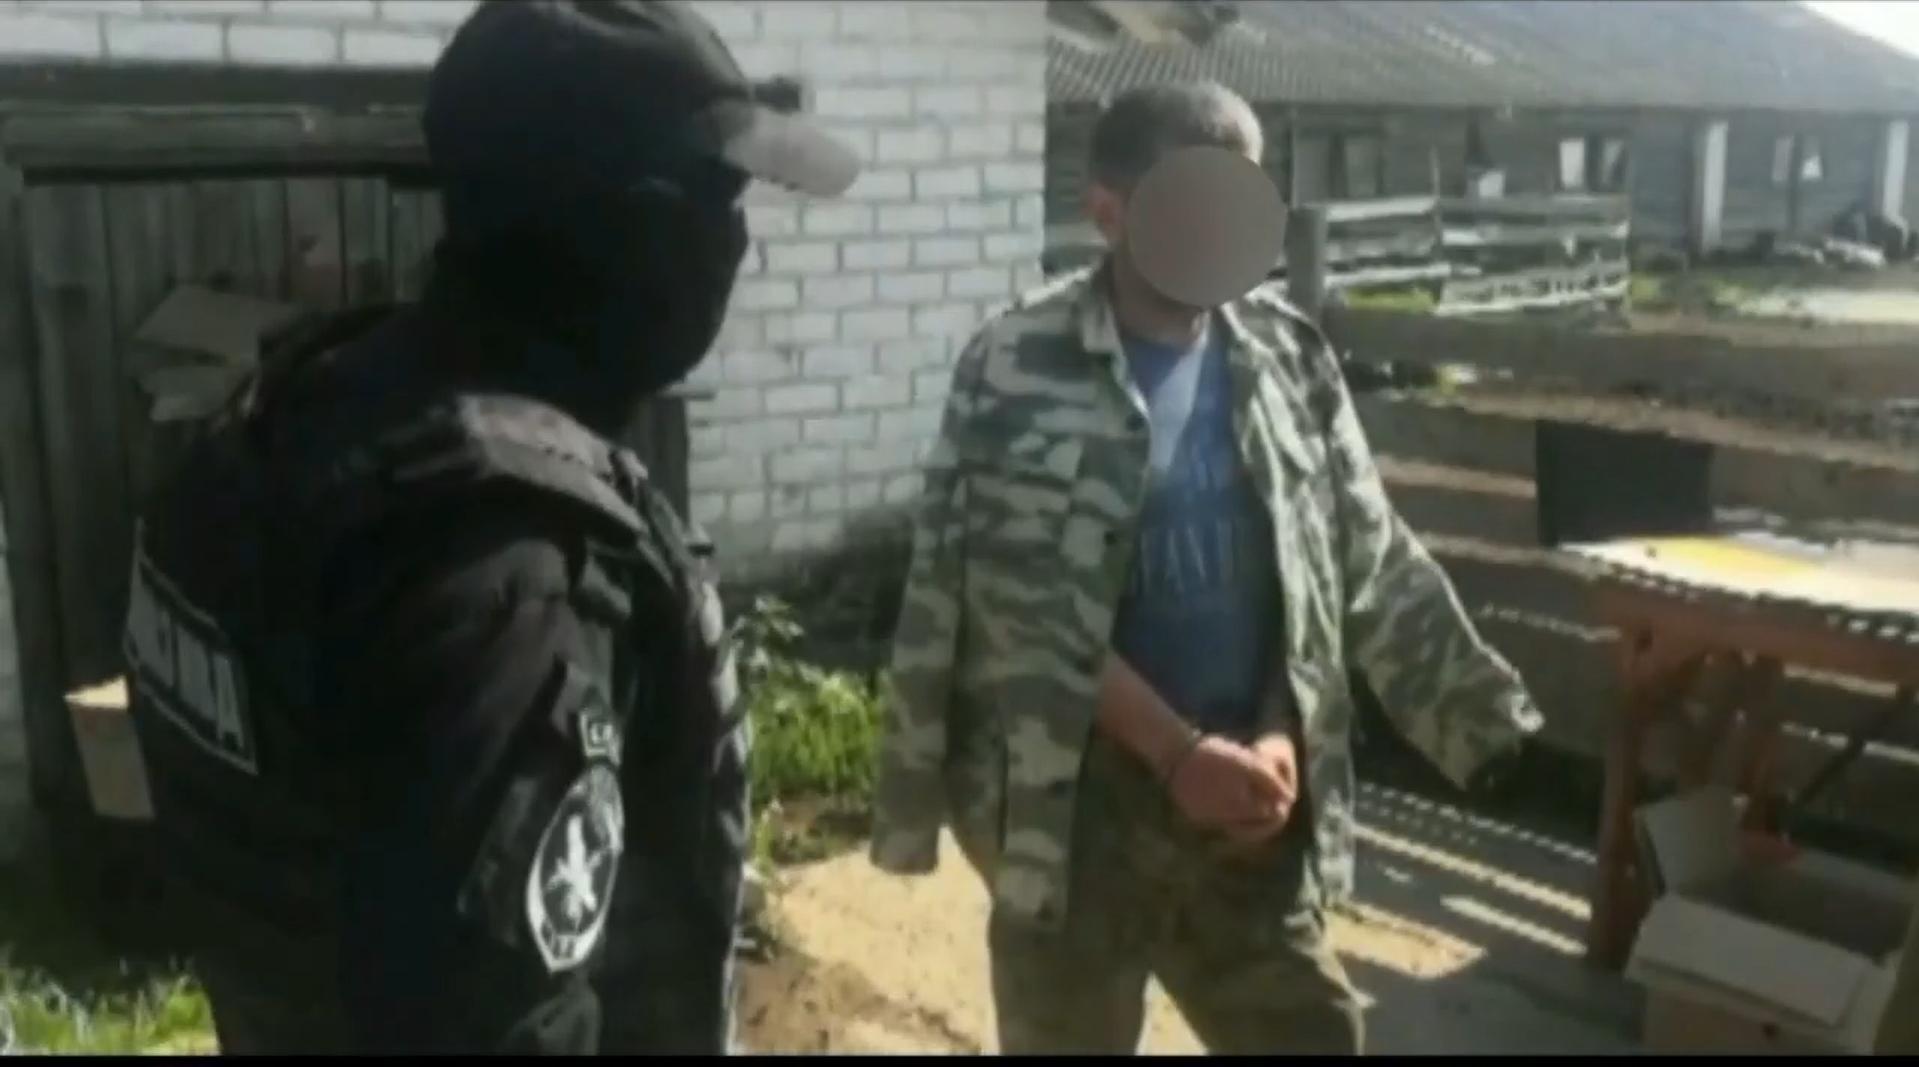 В Тверской области задержали безработных, которые вырастили плантацию наркосодержащего мака